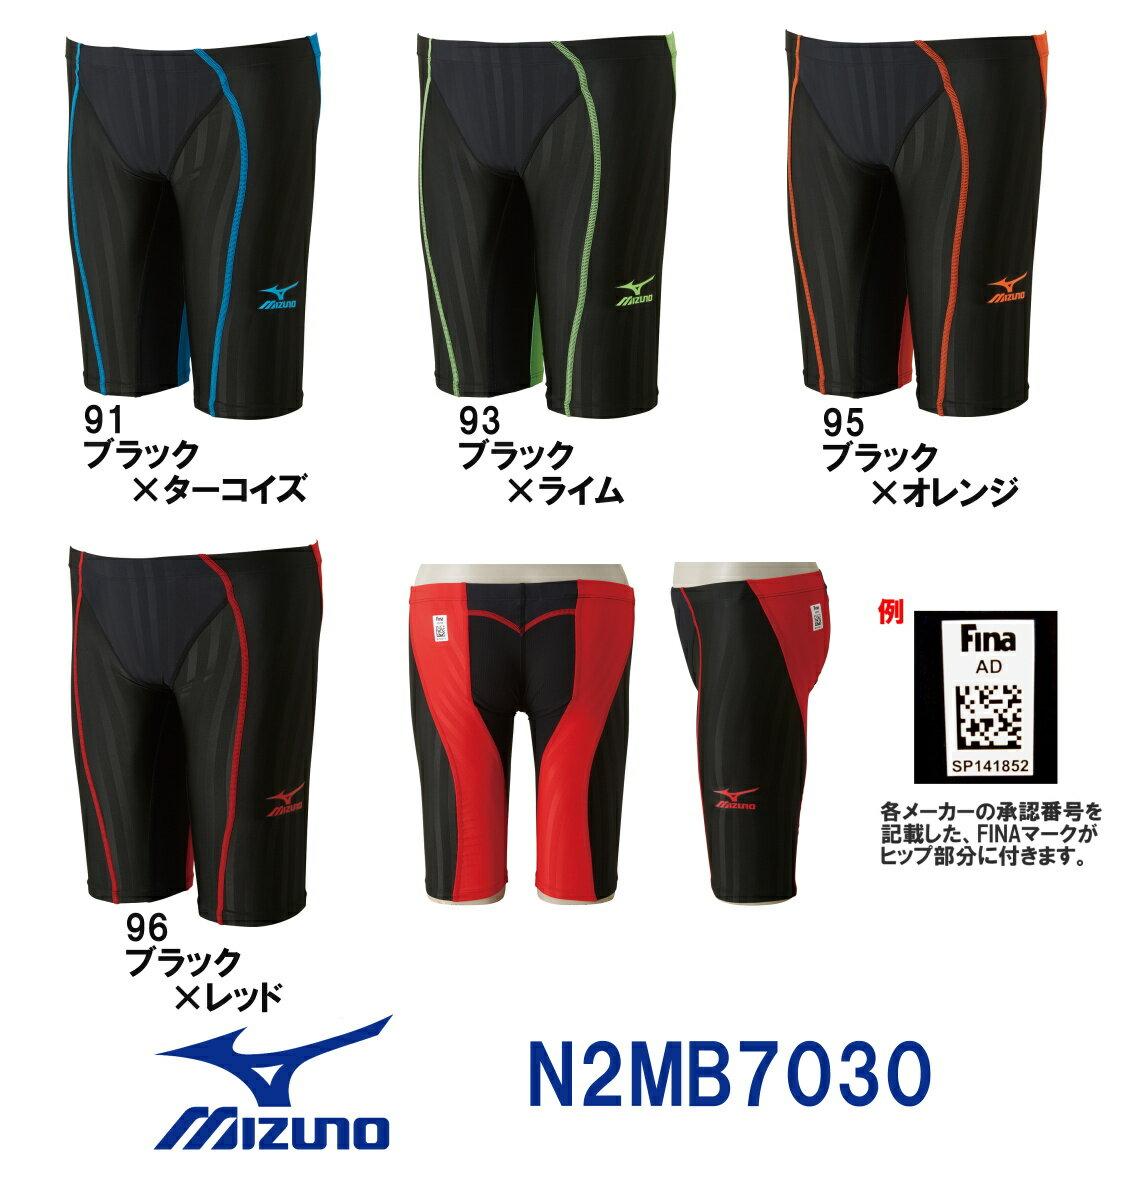 《今すぐ使えるクーポン配布中》ミズノ MIZUNO 競泳水着 メンズ FX・SONIC ソニックフィットAC・W ハーフスパッツ fina承認 N2MB7030-HK